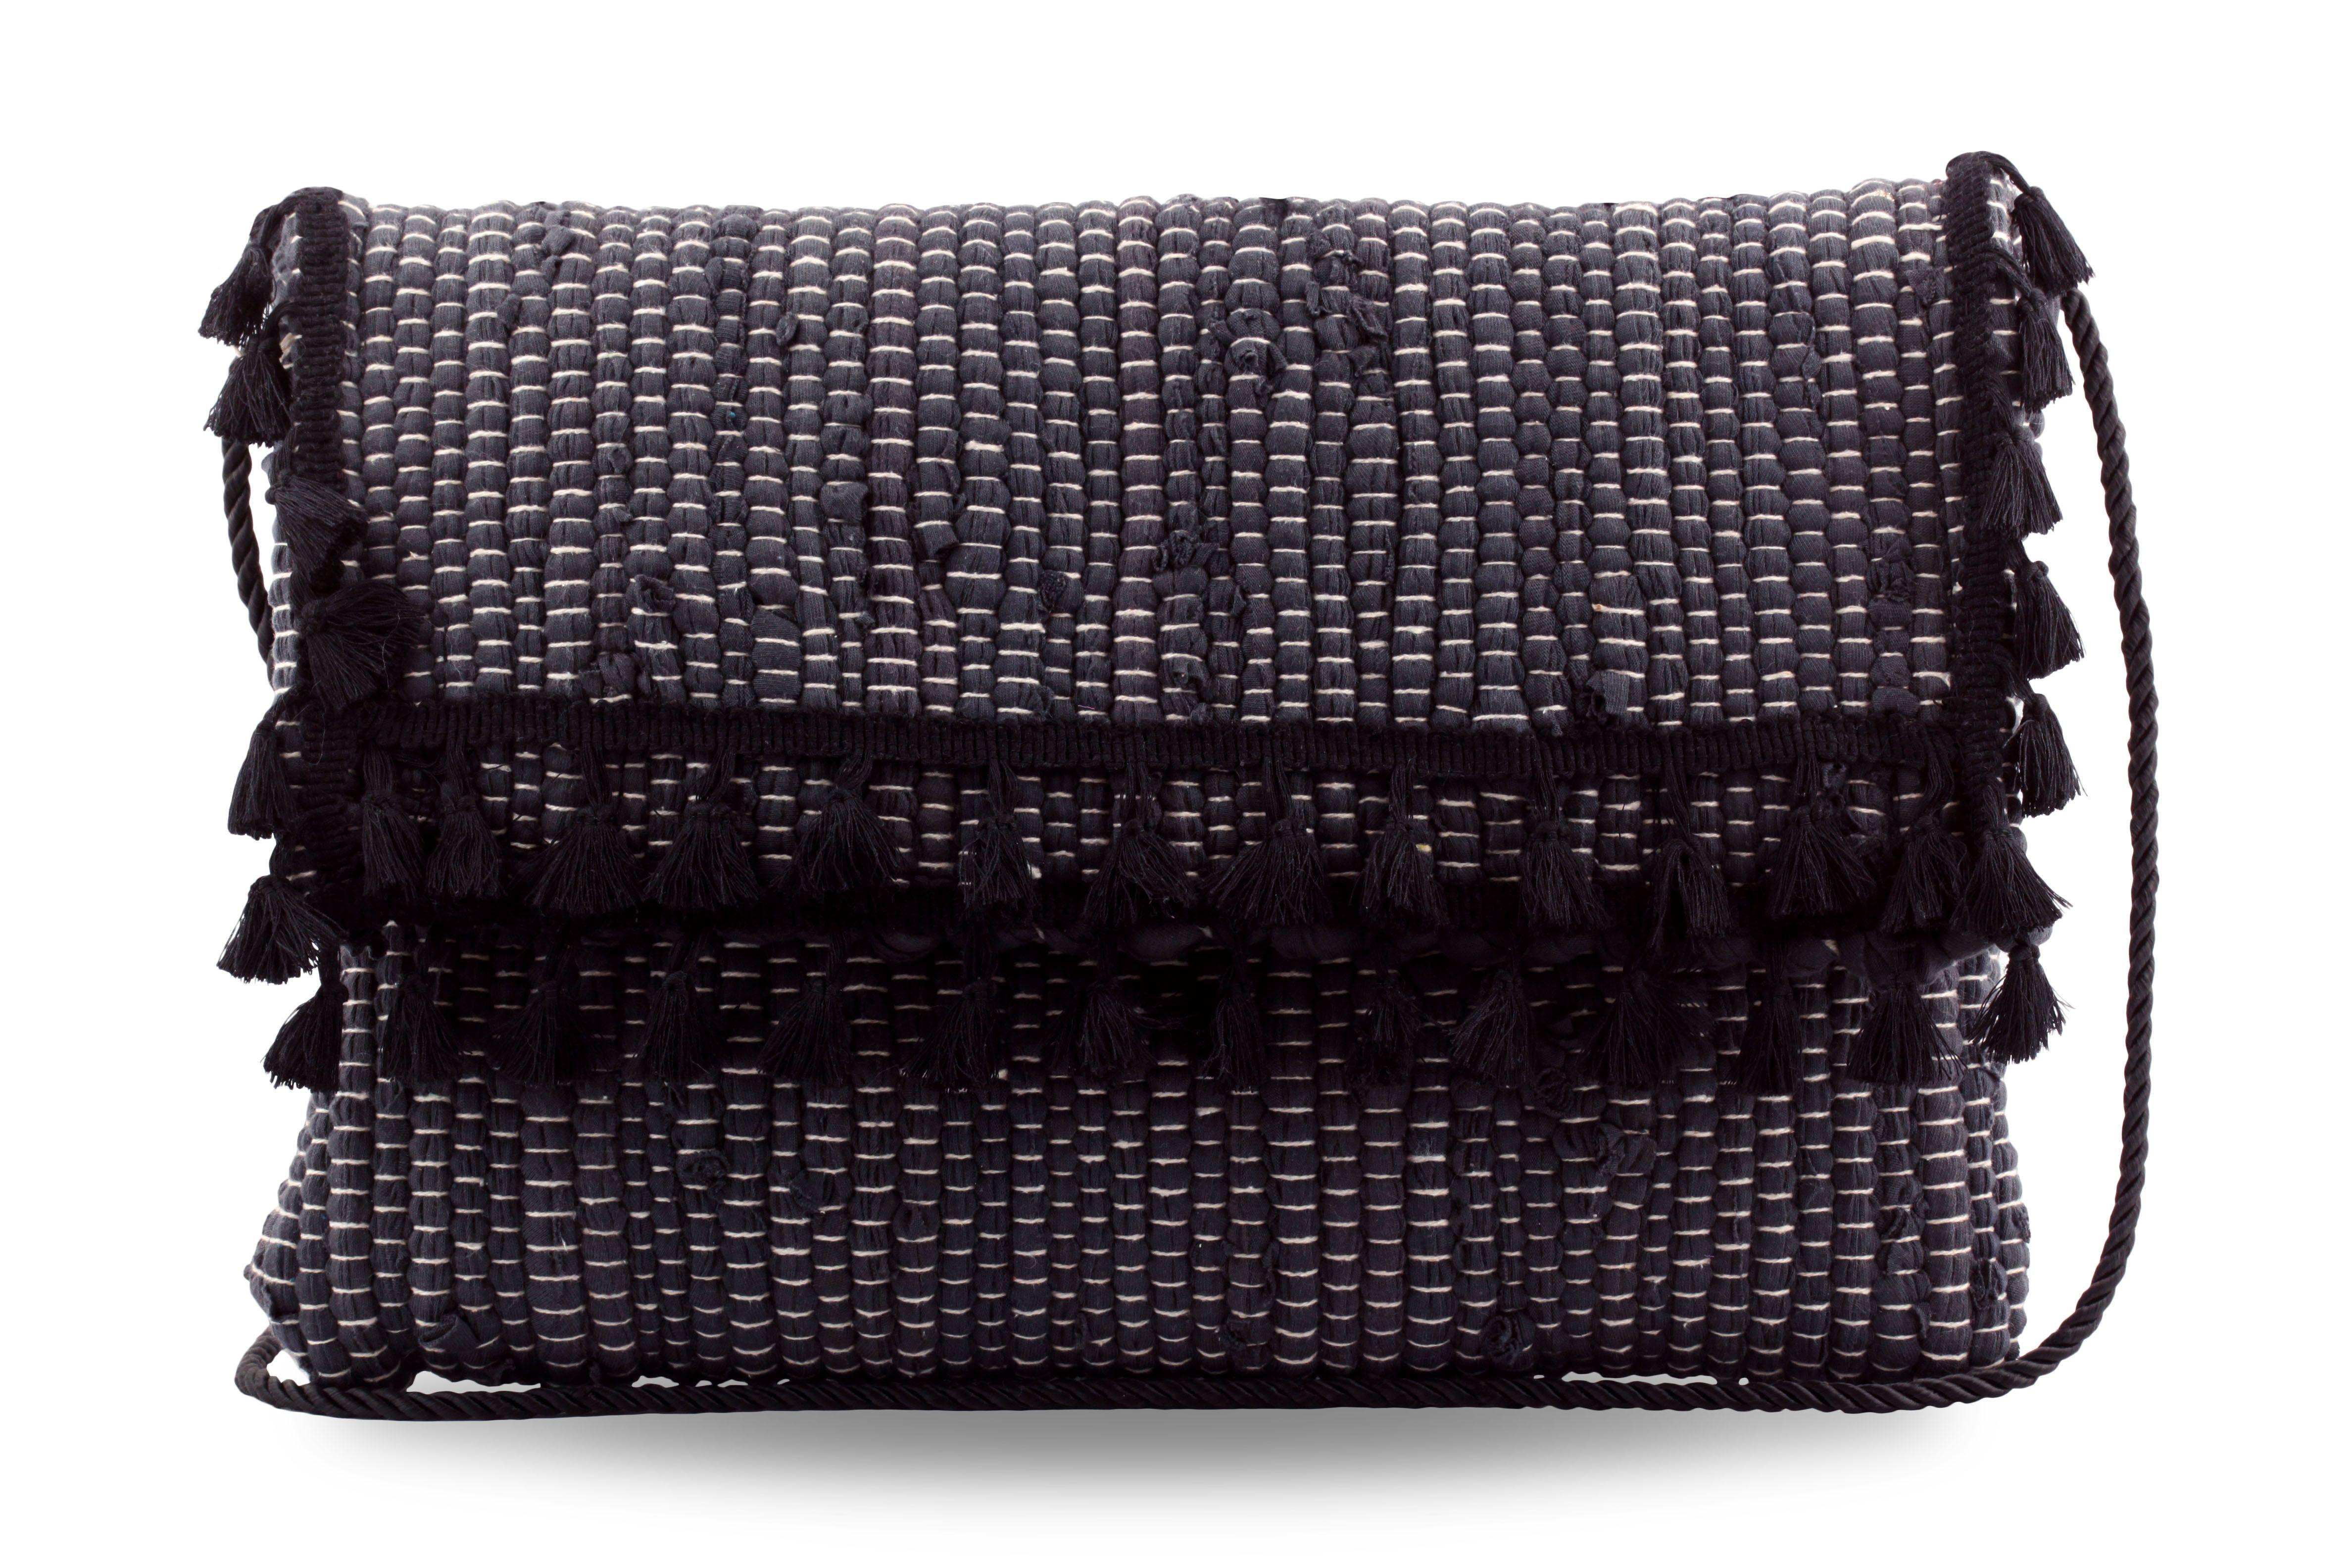 Χειροποίητη τσάντα από κουρελού με κρόσια και φουντί…  415abf43021